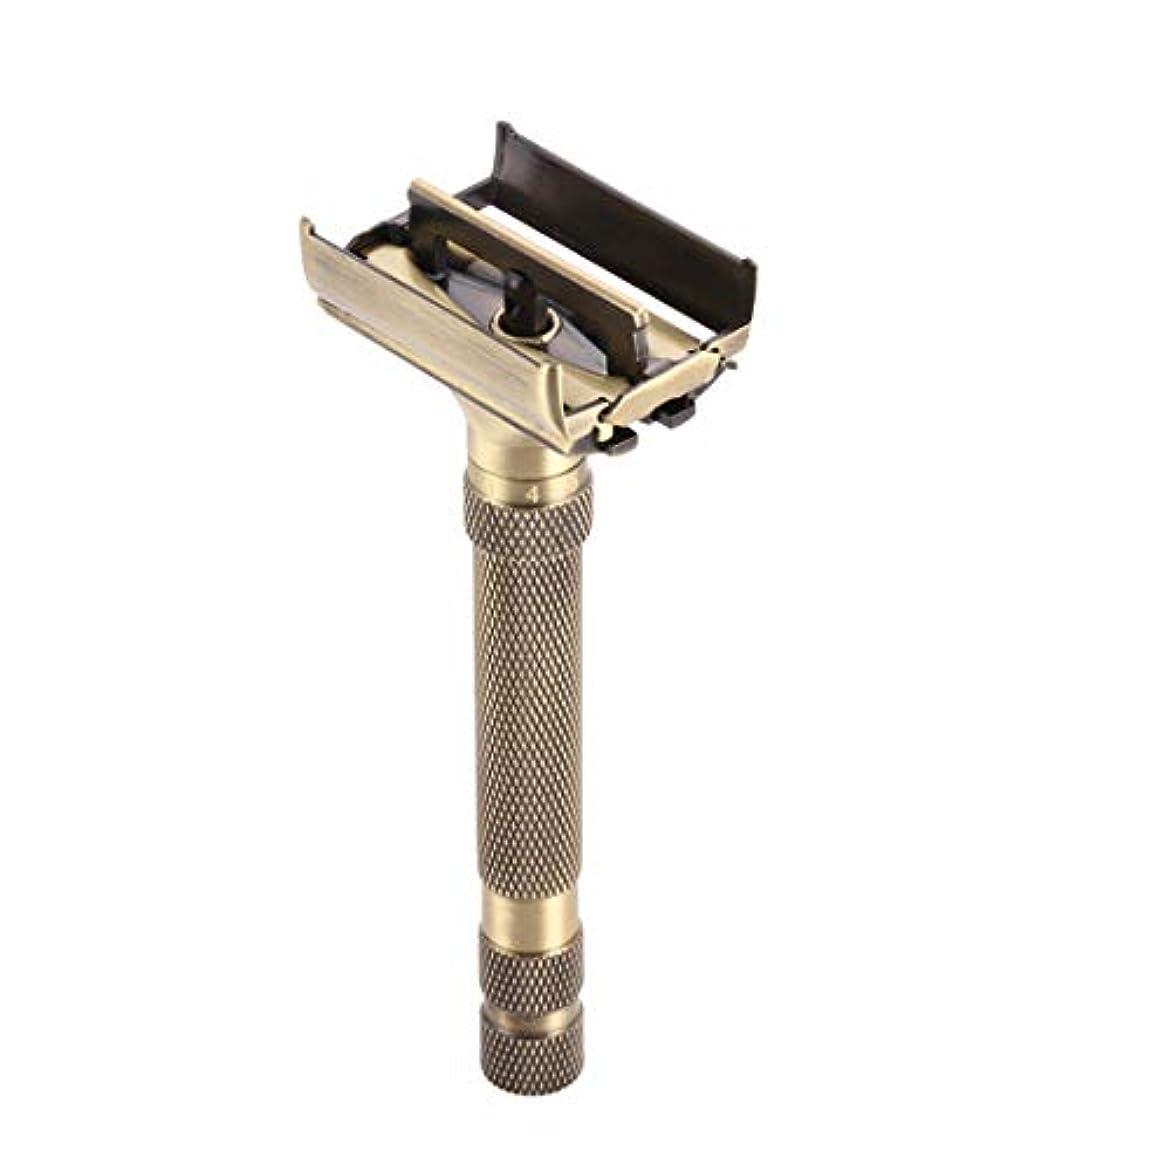 キルトわがまま正確さクラシックダブルエッジカミソリ真鍮両面手動かみそり ブレード露出調整可能 ダブルエッジ 安全レイザー 替刃5個付